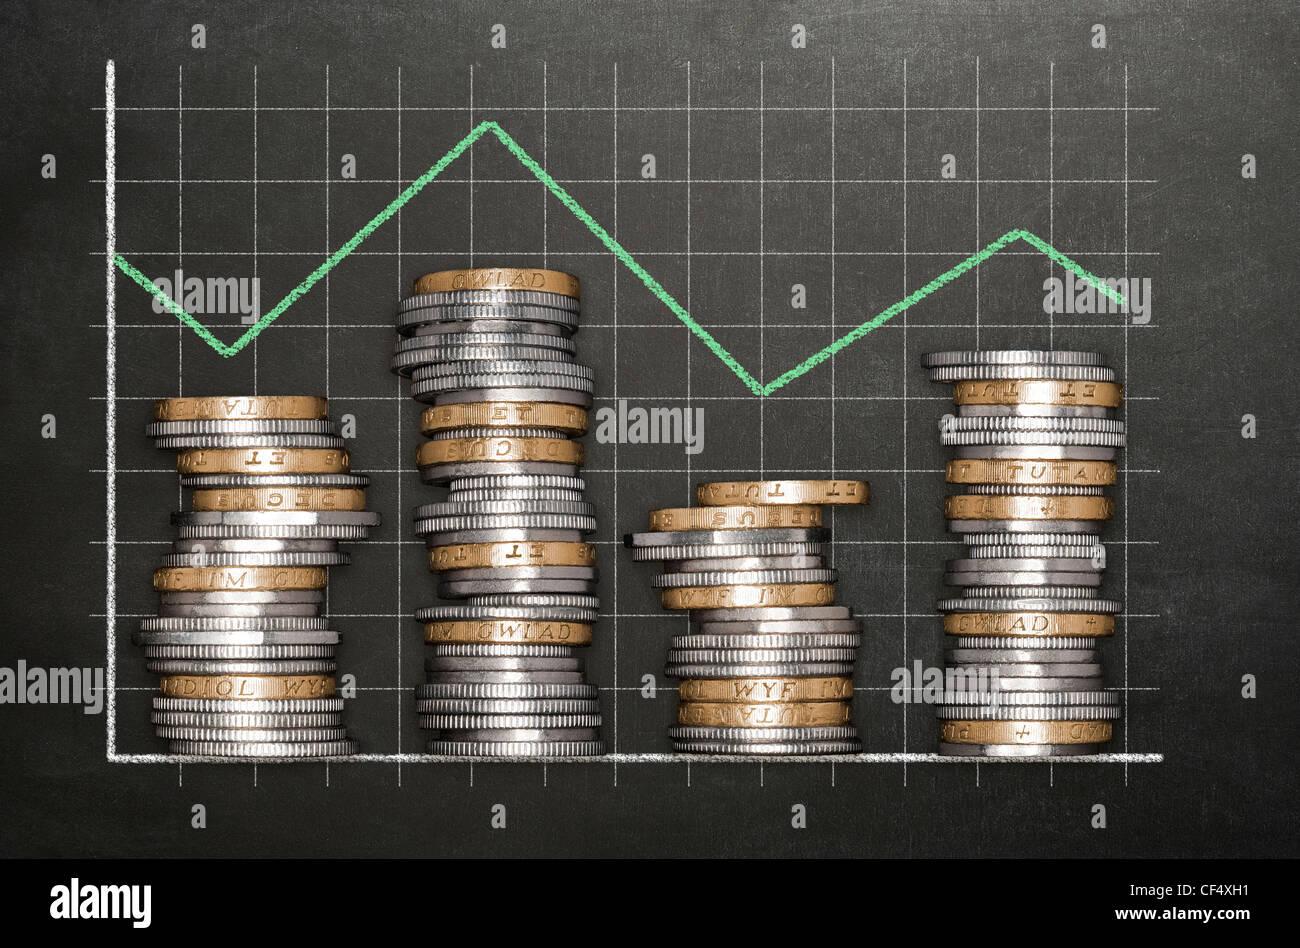 Stapel von Münzen auf einer Tafel Hintergrund bildet ein Diagramm Stockbild